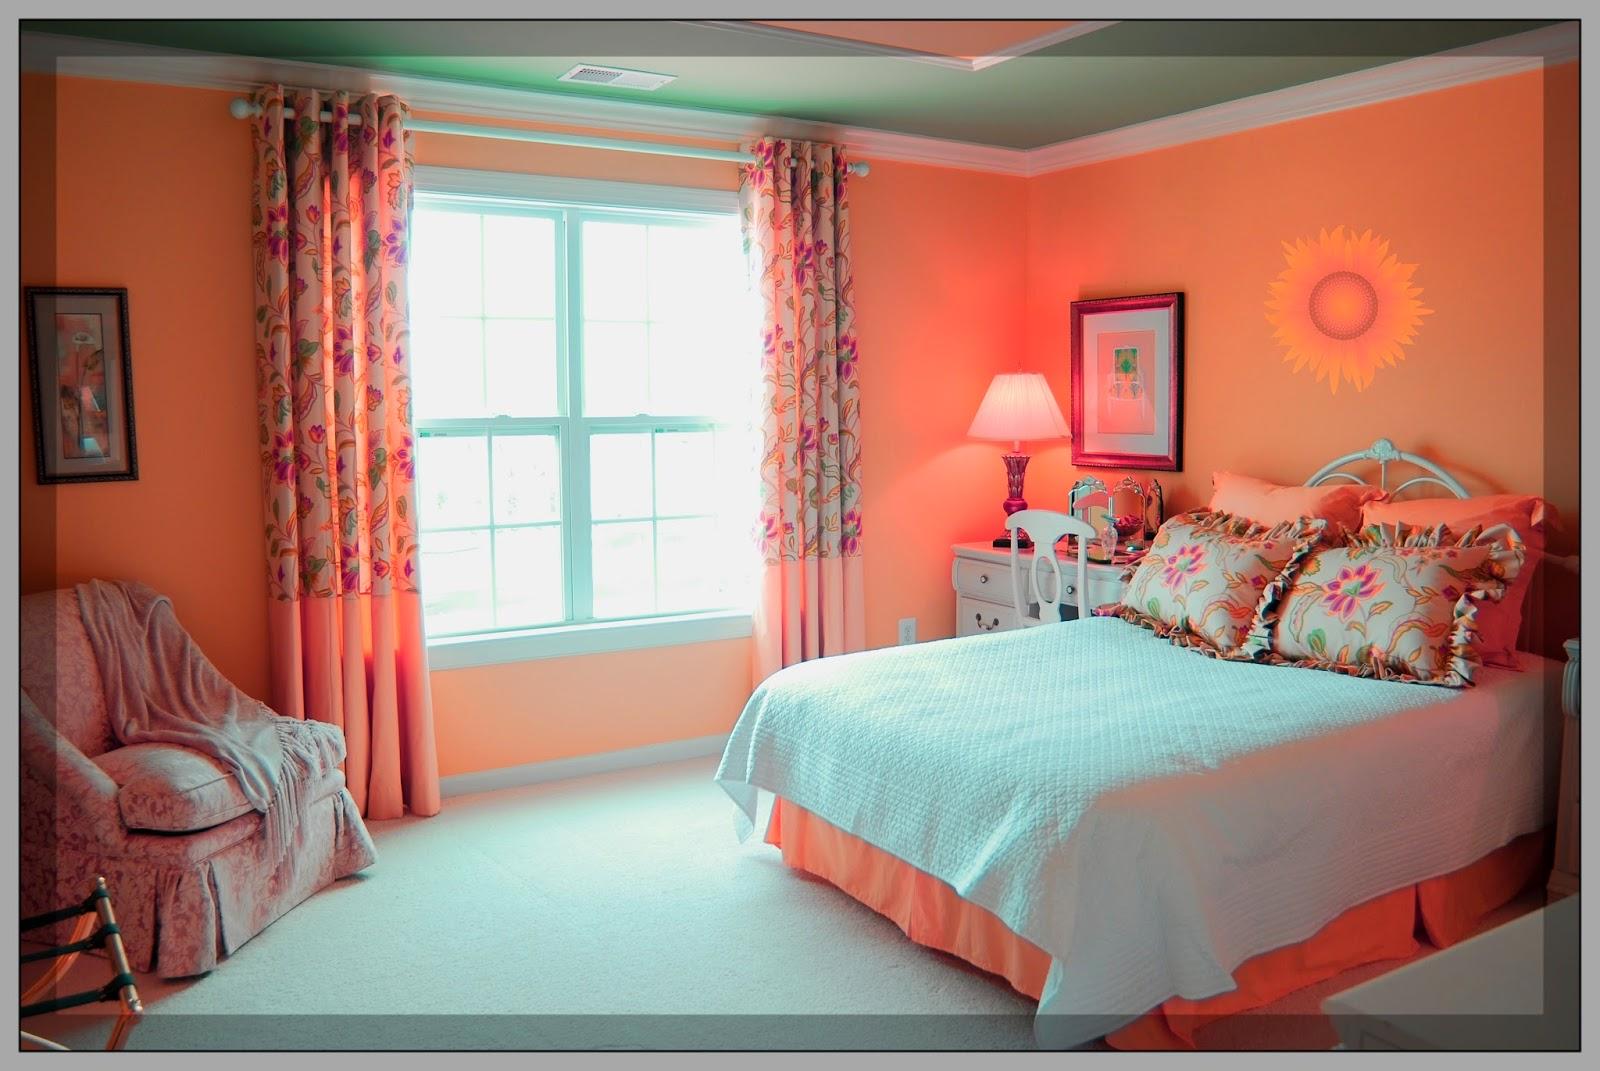 Interior Decor Amp Home Decoration Ideas With Home Fabrics